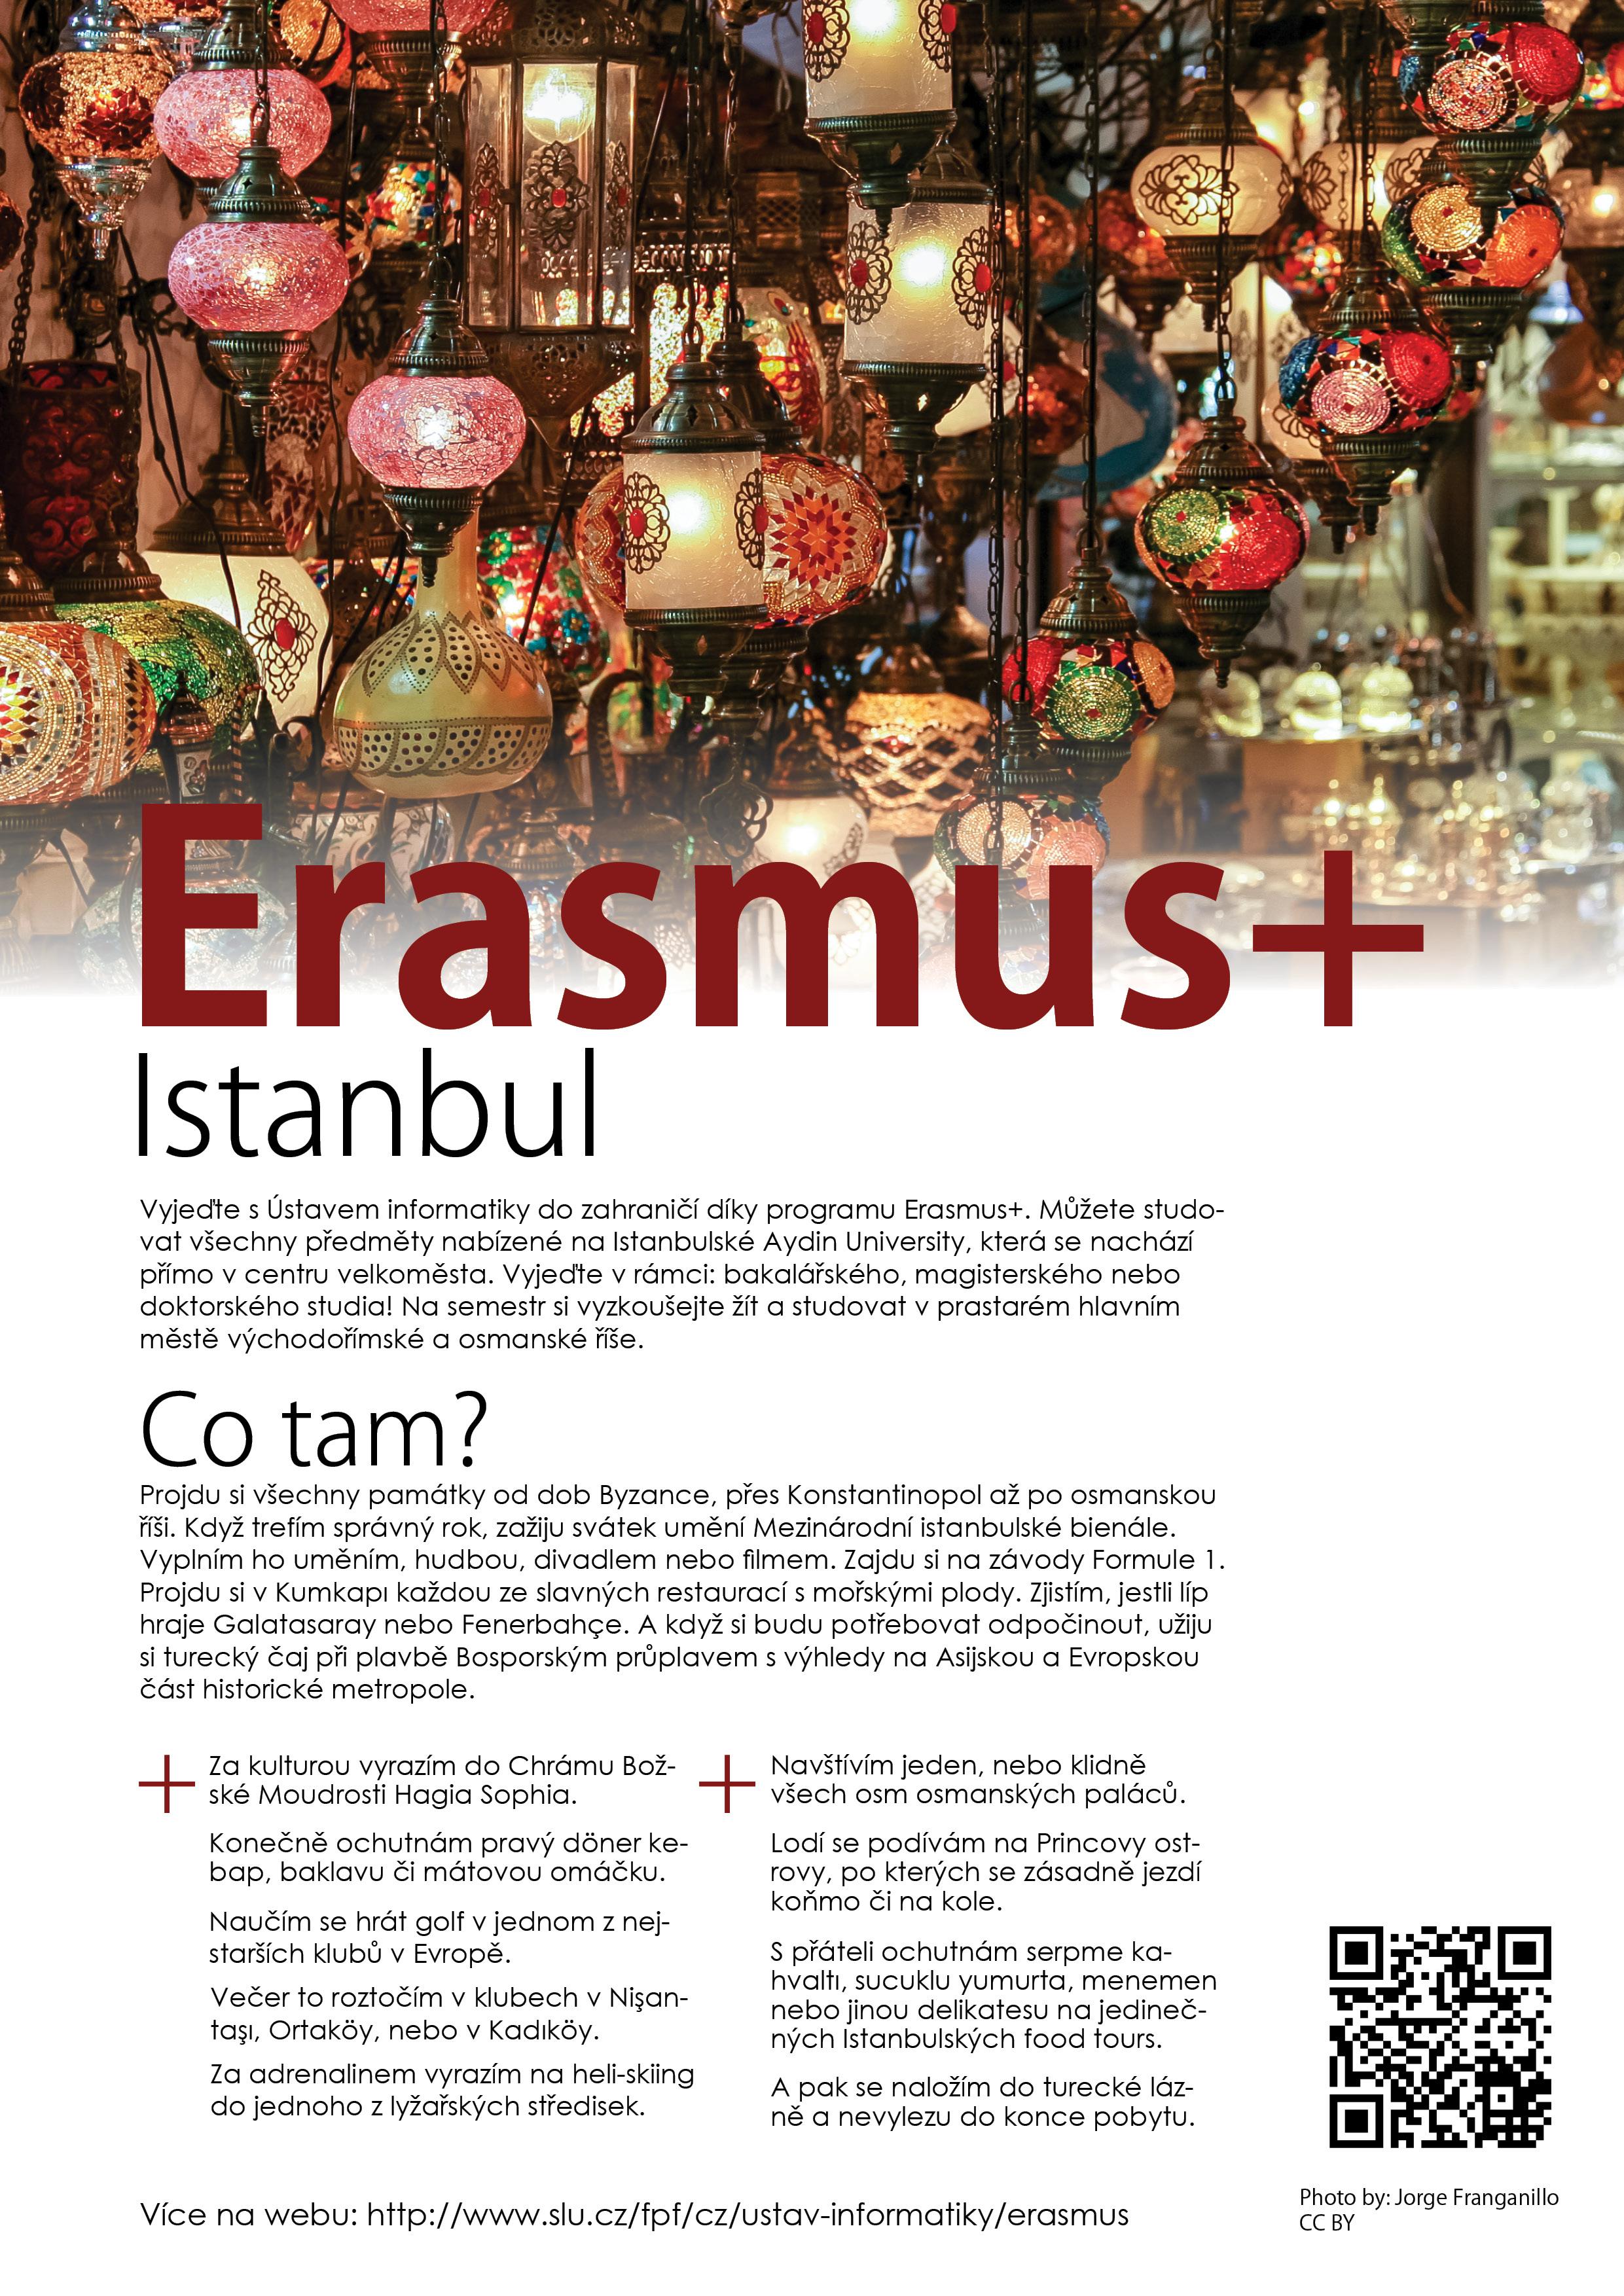 Erasmus - Istanbul